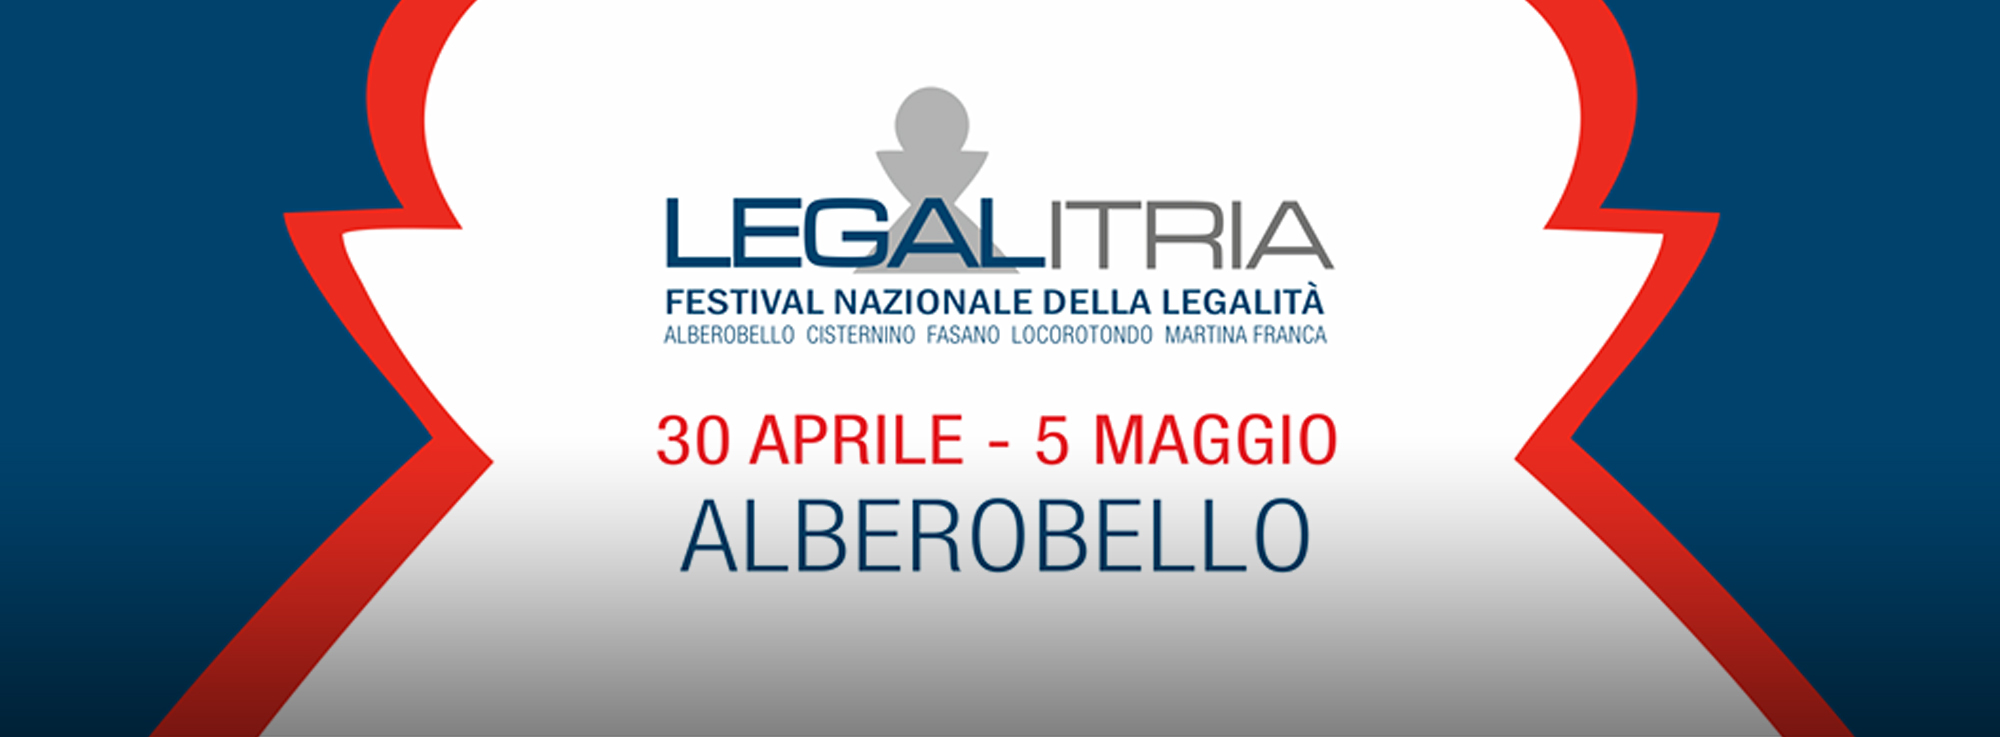 Alberobello, Cisternino, Fasano, Locorotondo, Martina Franca: LegalItria